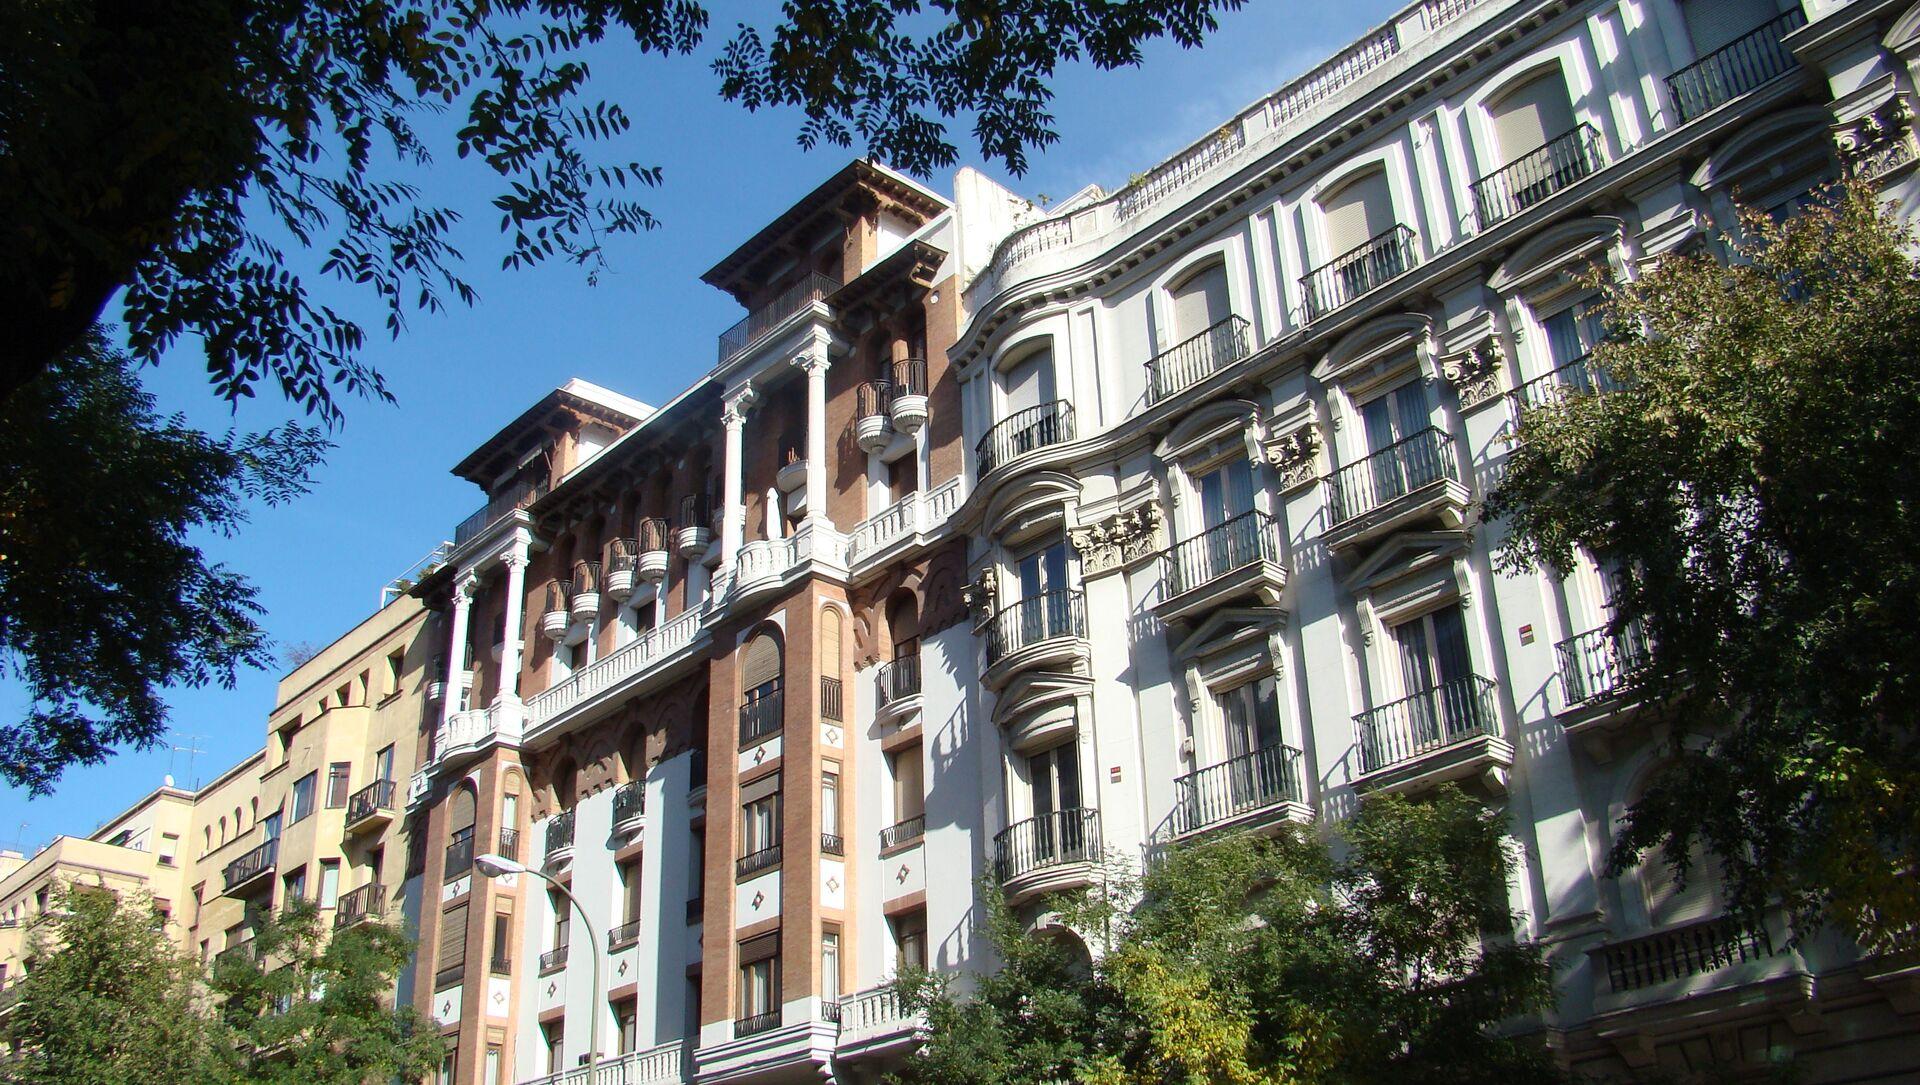 Edificio en Madrid - Sputnik Mundo, 1920, 10.12.2015